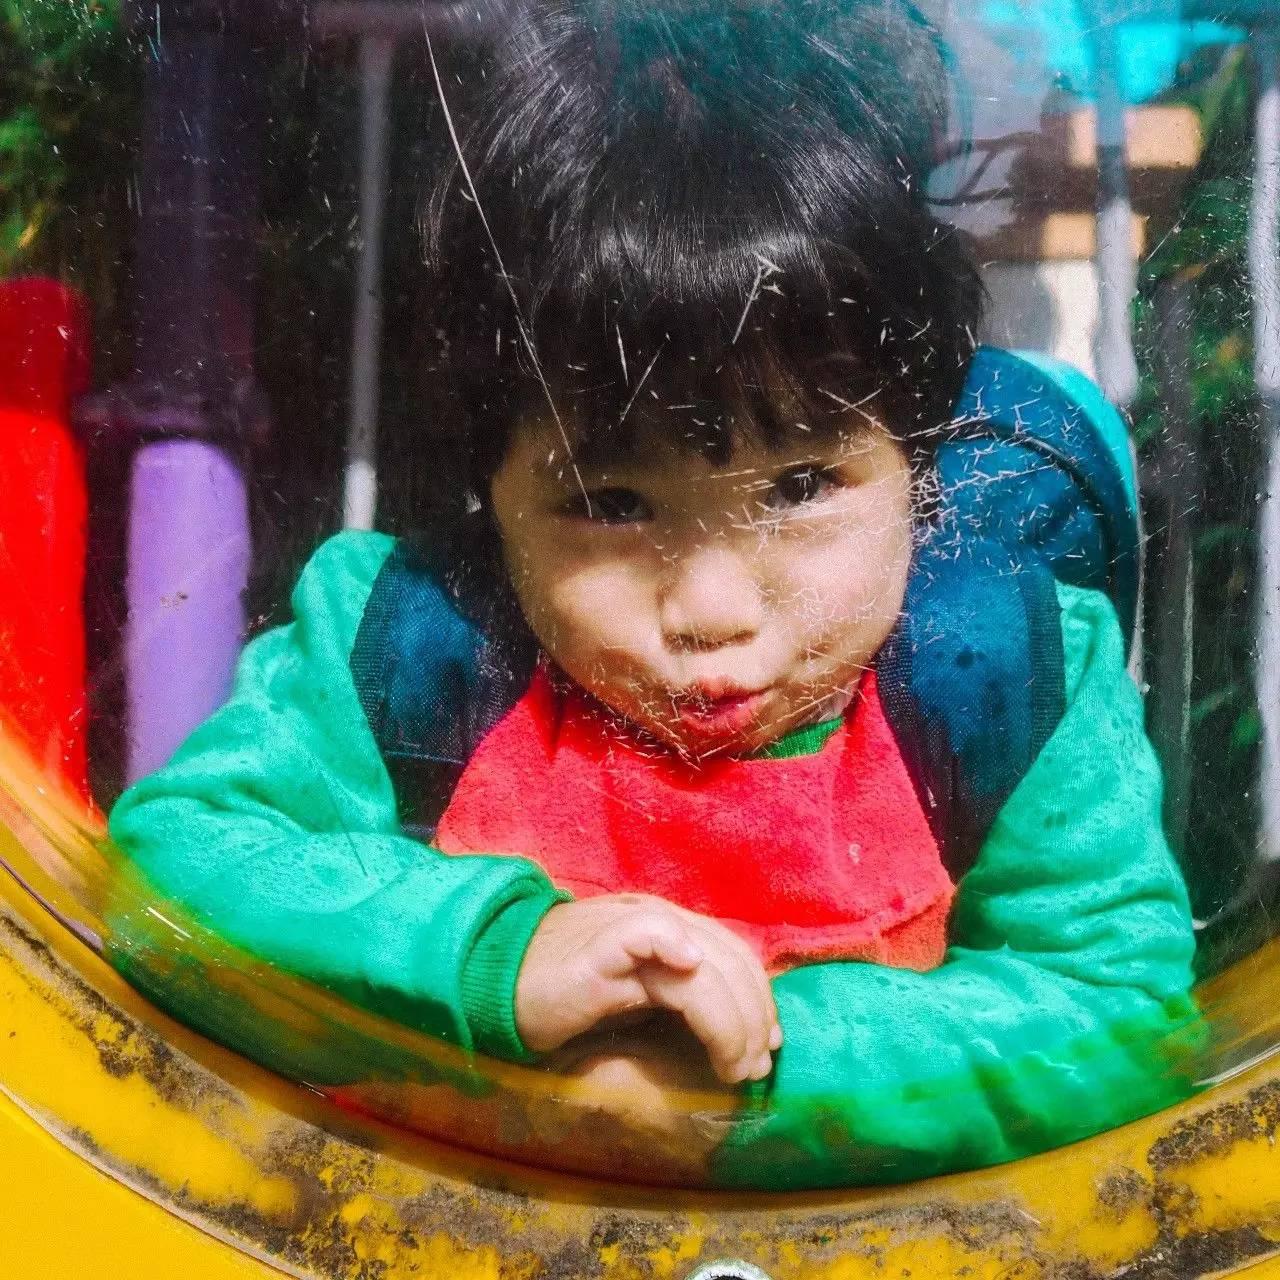 可爱孩子吃玉米相片